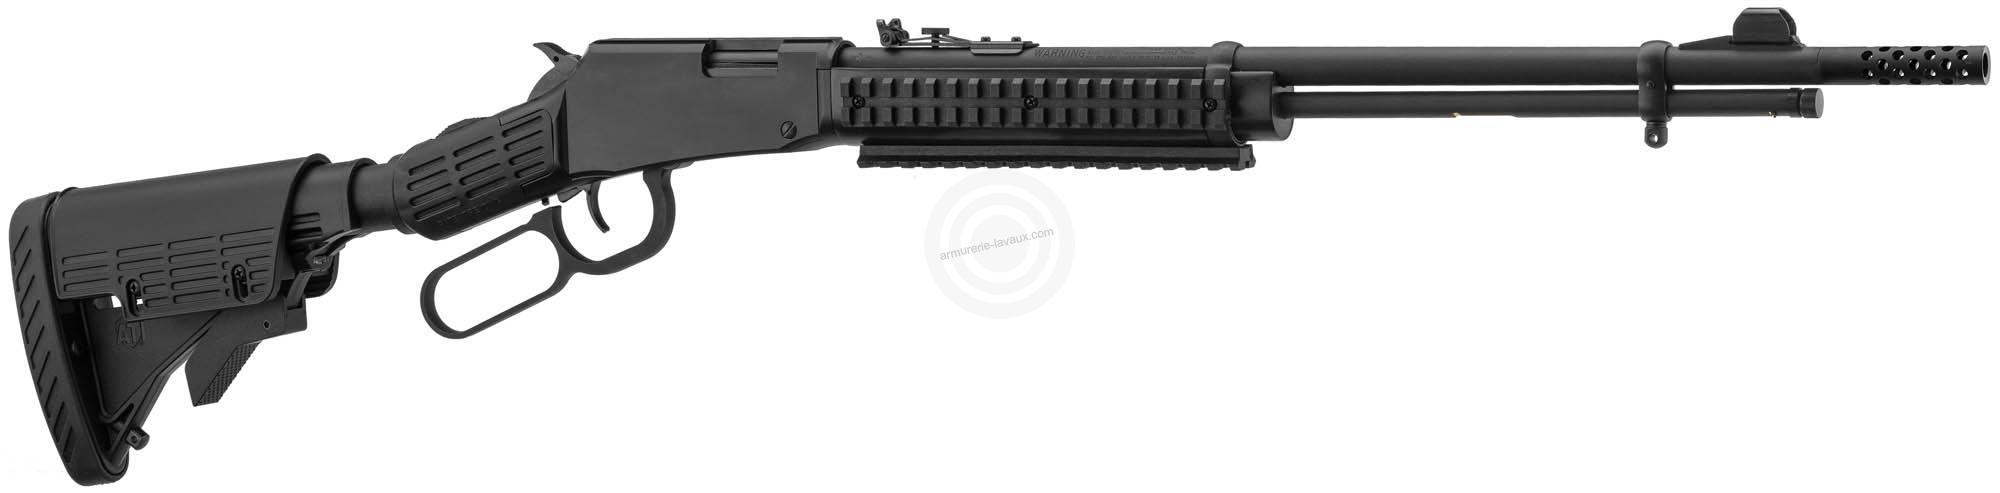 Carabine 22LR MOSSBERG 464 SPX Lever Action